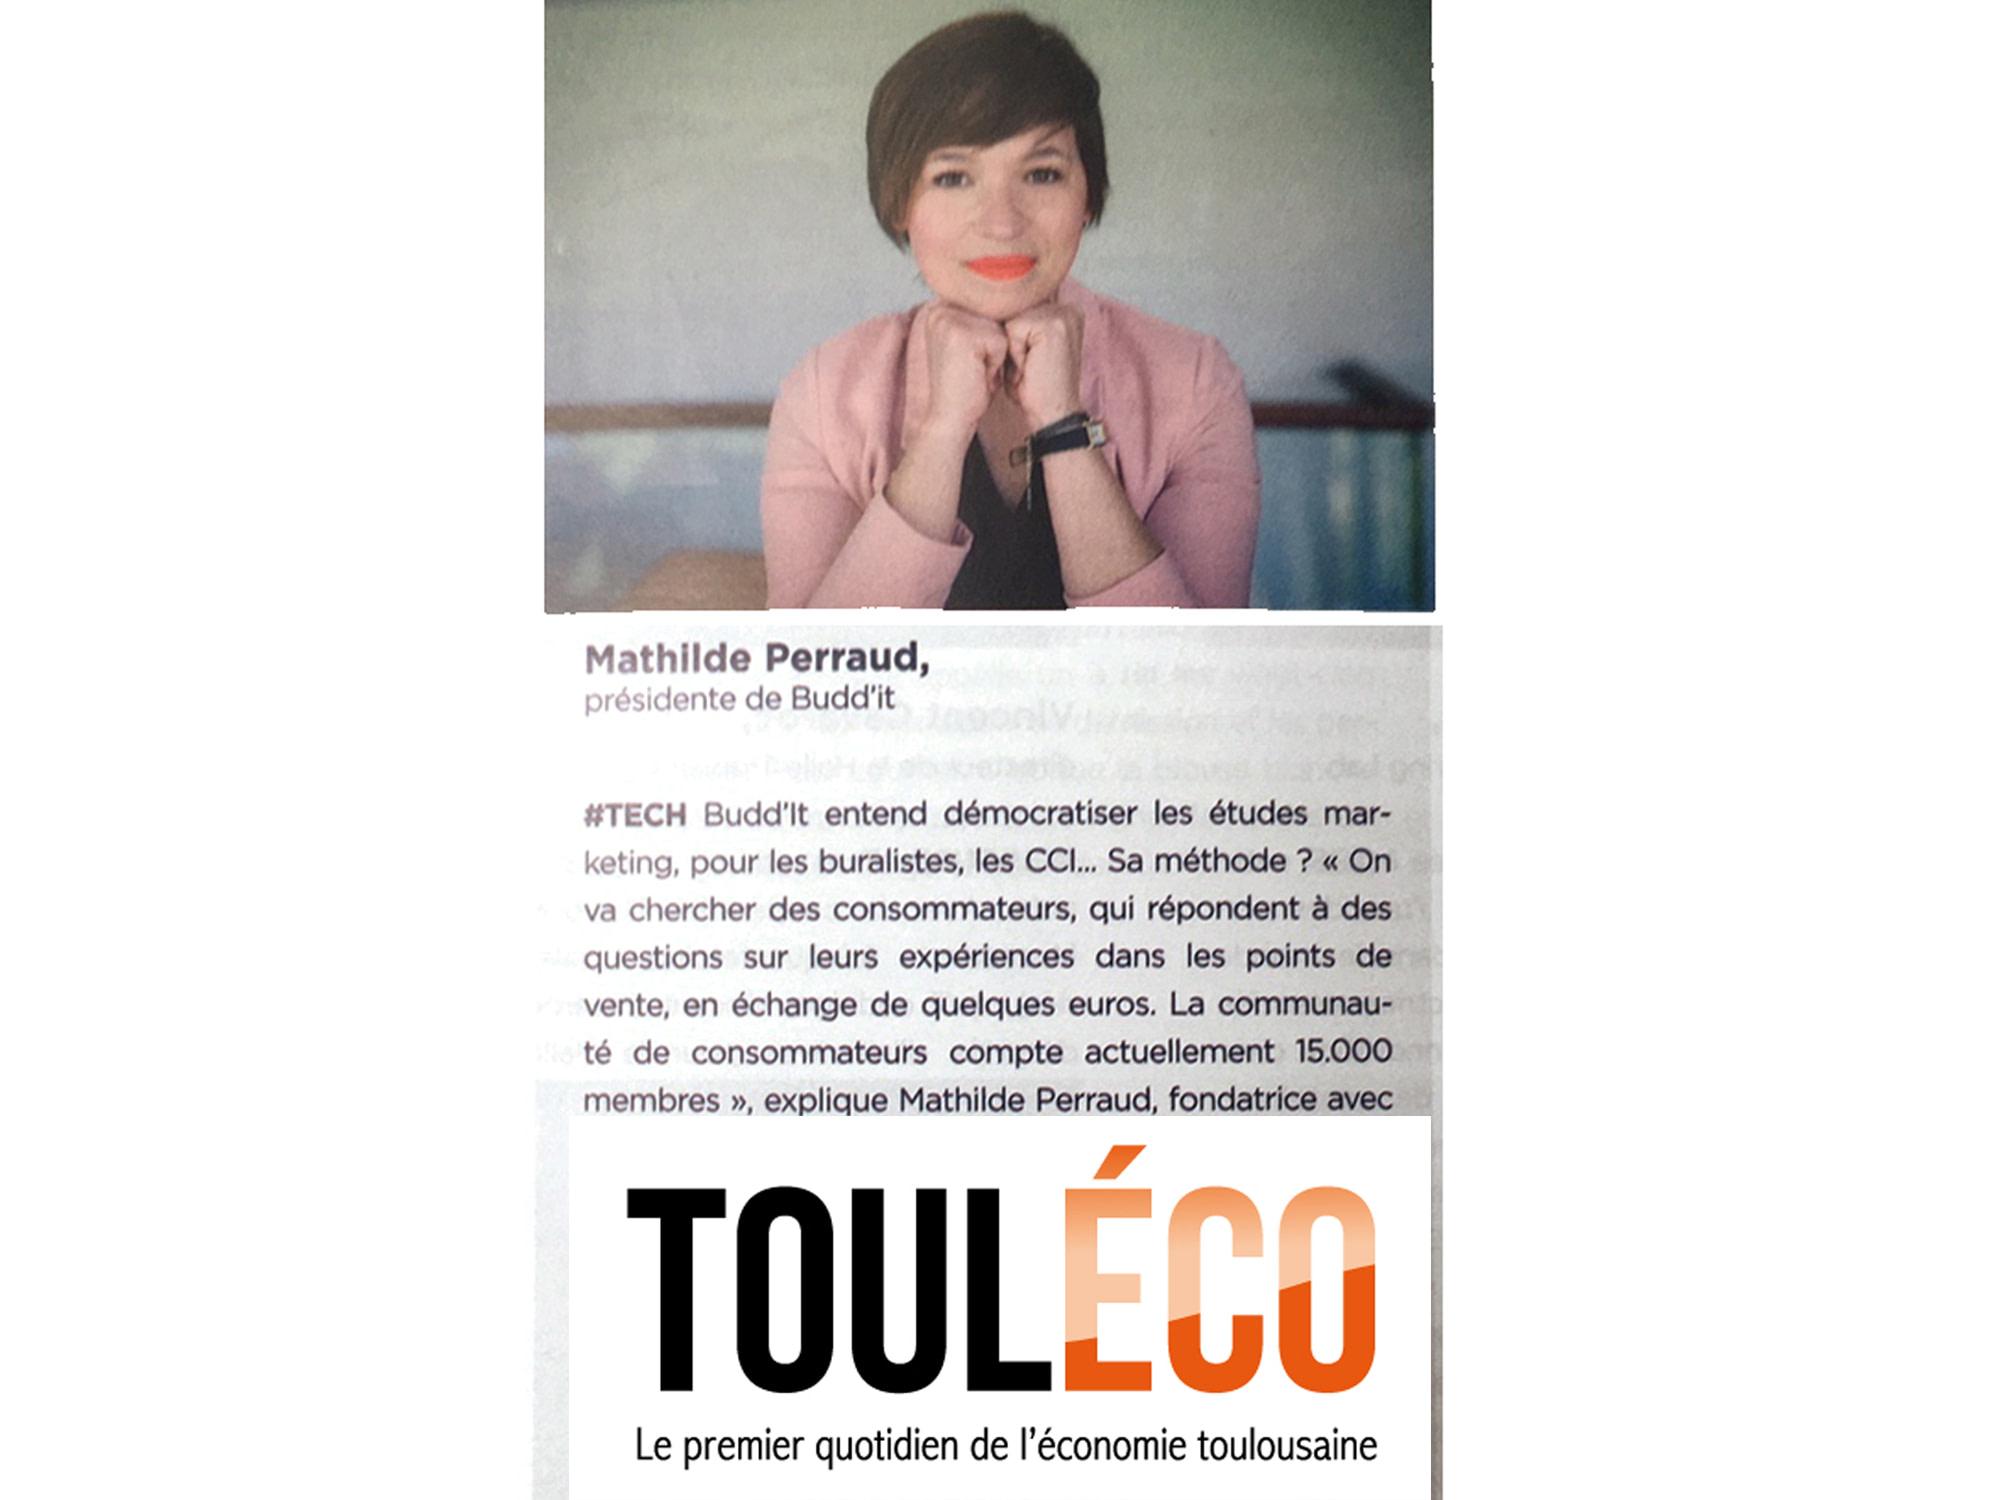 Article de journal Occitanie, les 50 qui ont marqué l'année